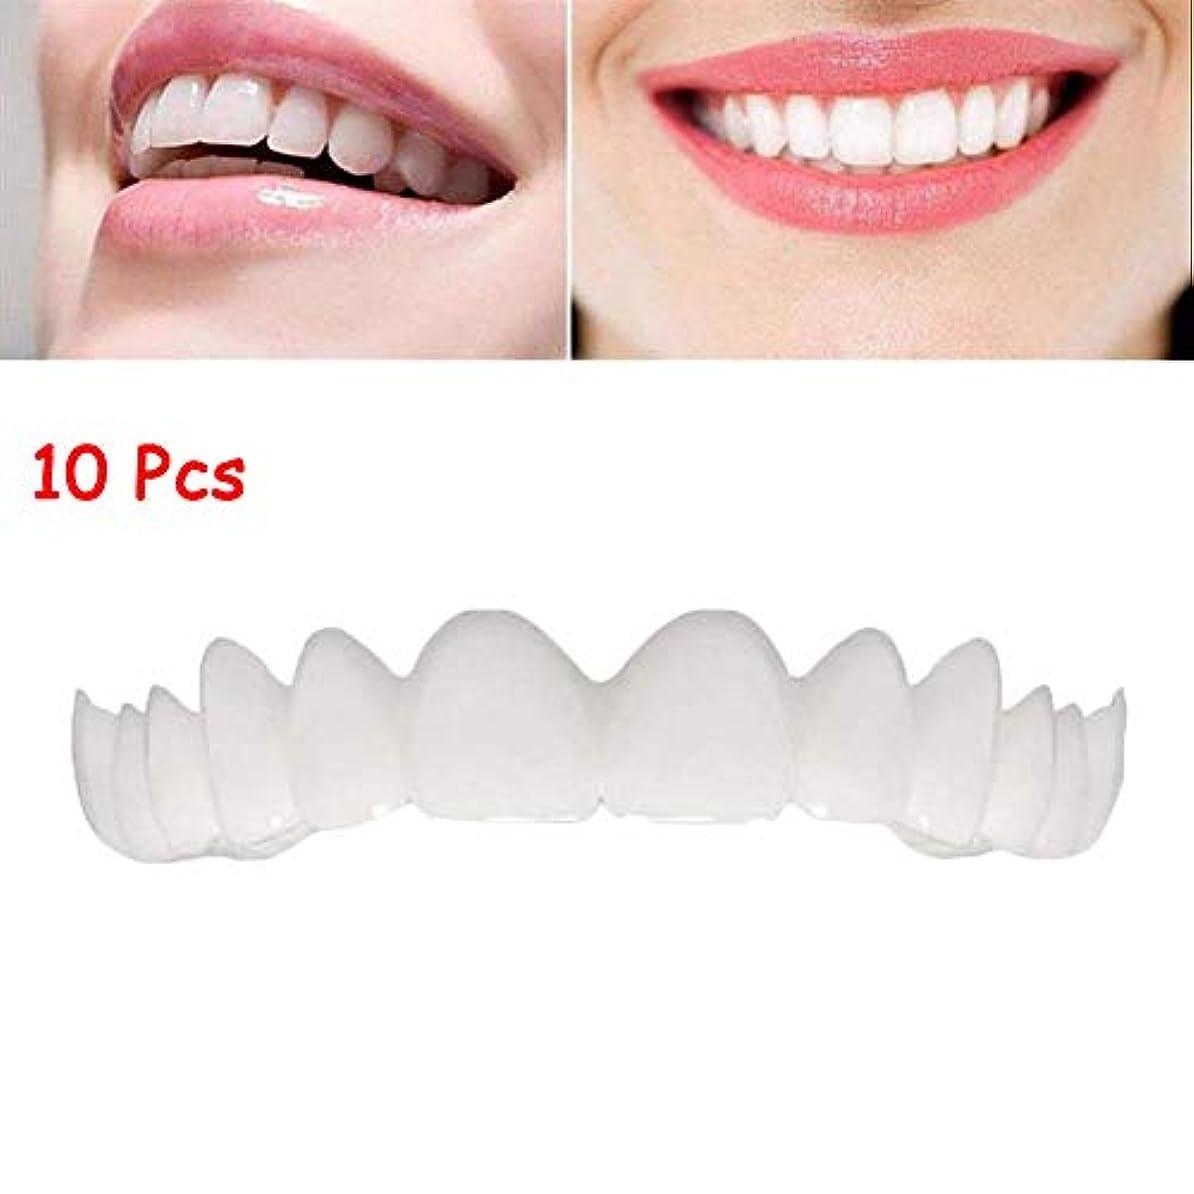 次既に道を作る10本の一時的な化粧品の歯義歯歯の化粧品模擬装具アッパーブレースホワイトニング歯スナップキャップインスタント快適なフレックスパーフェクトベニア